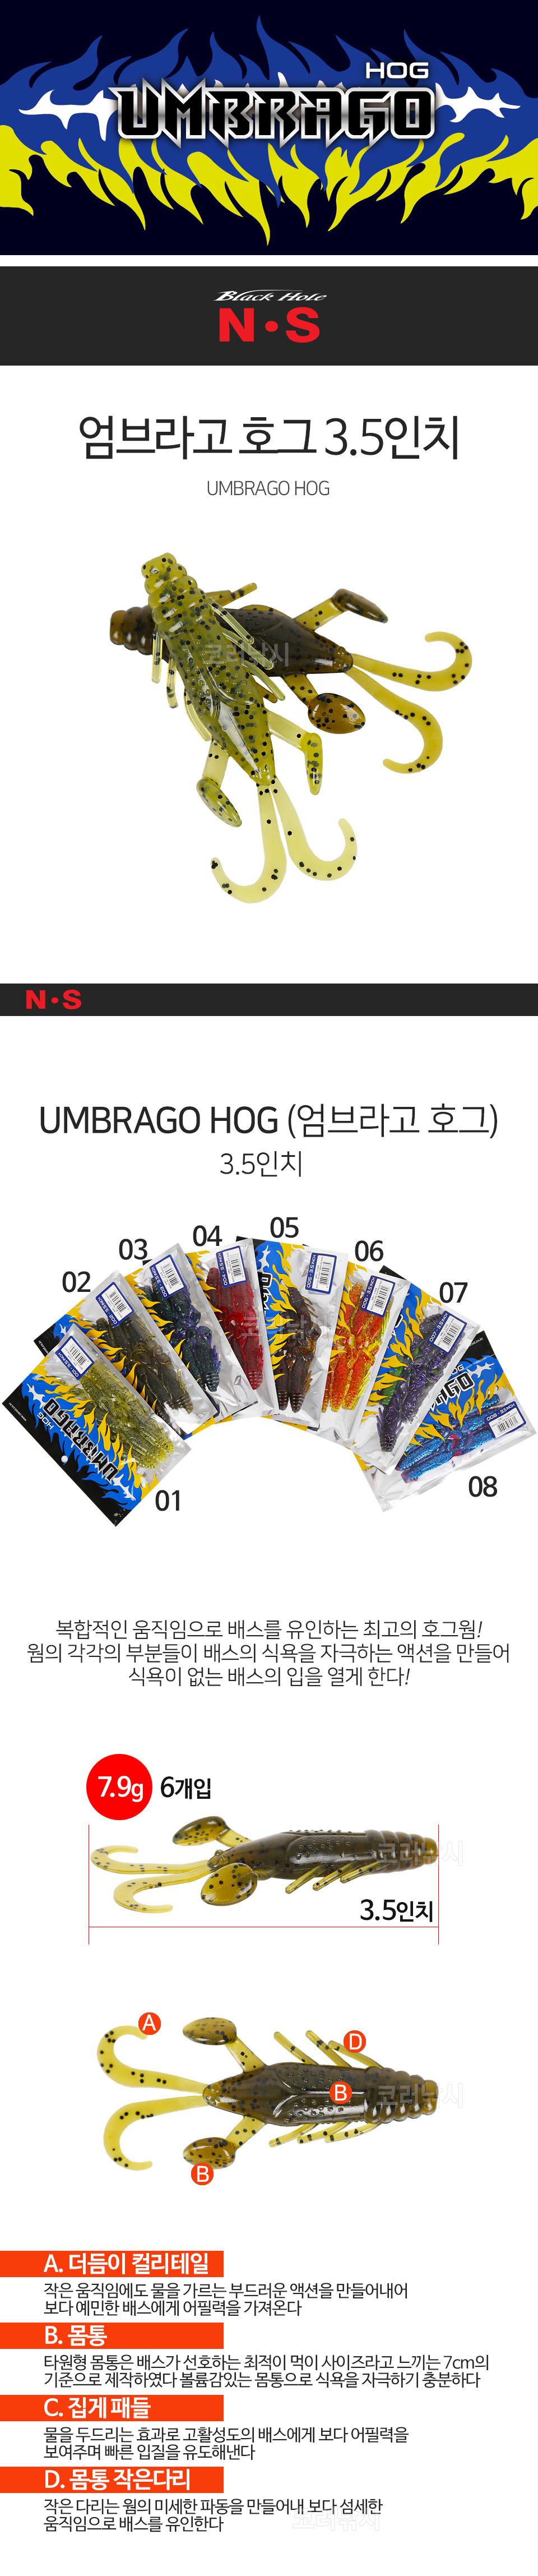 NS UMBRAGO HOG (엄브라고 호그) 3.5인치 엄장수 엄브로 엔에스 배스웜 배스용웜 호그웜 호구웜 프리리그 텍사스리스